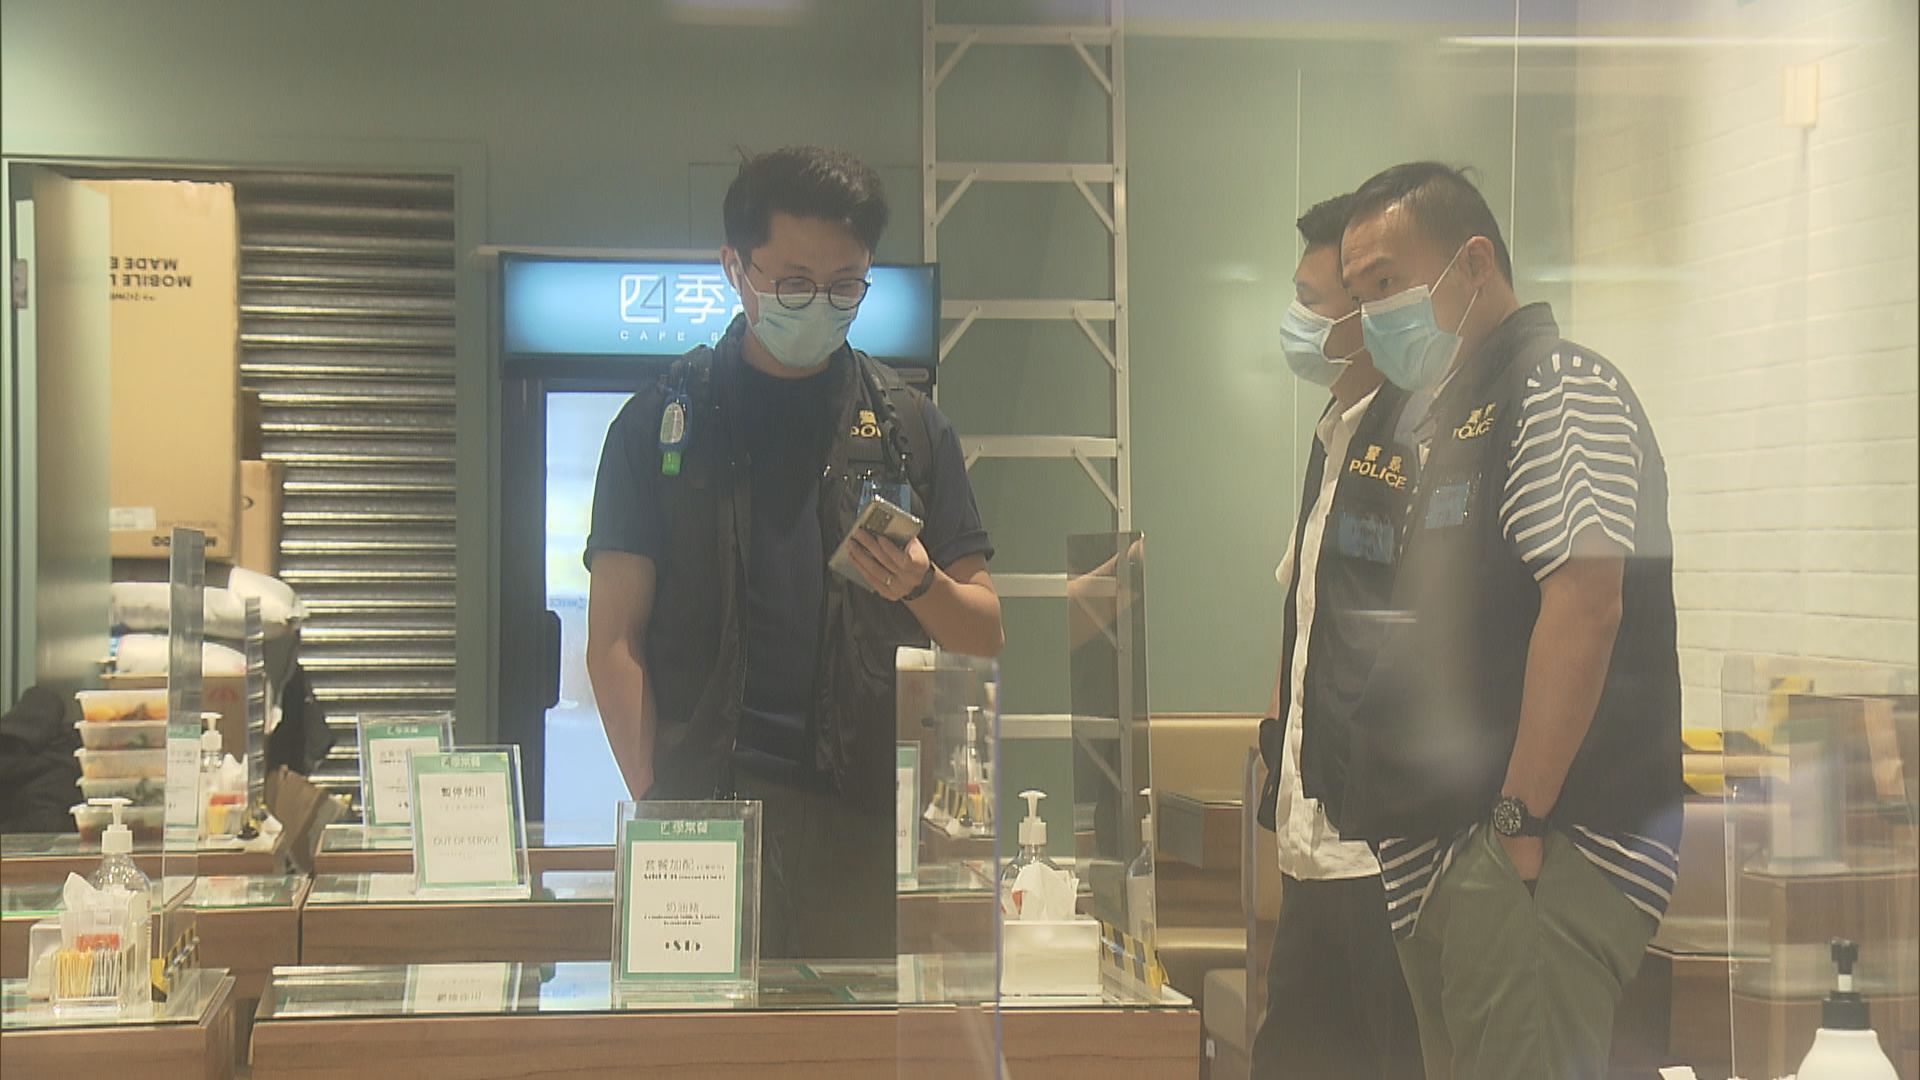 黎智英兩名兒子同被捕 警員到其開設餐廳搜查